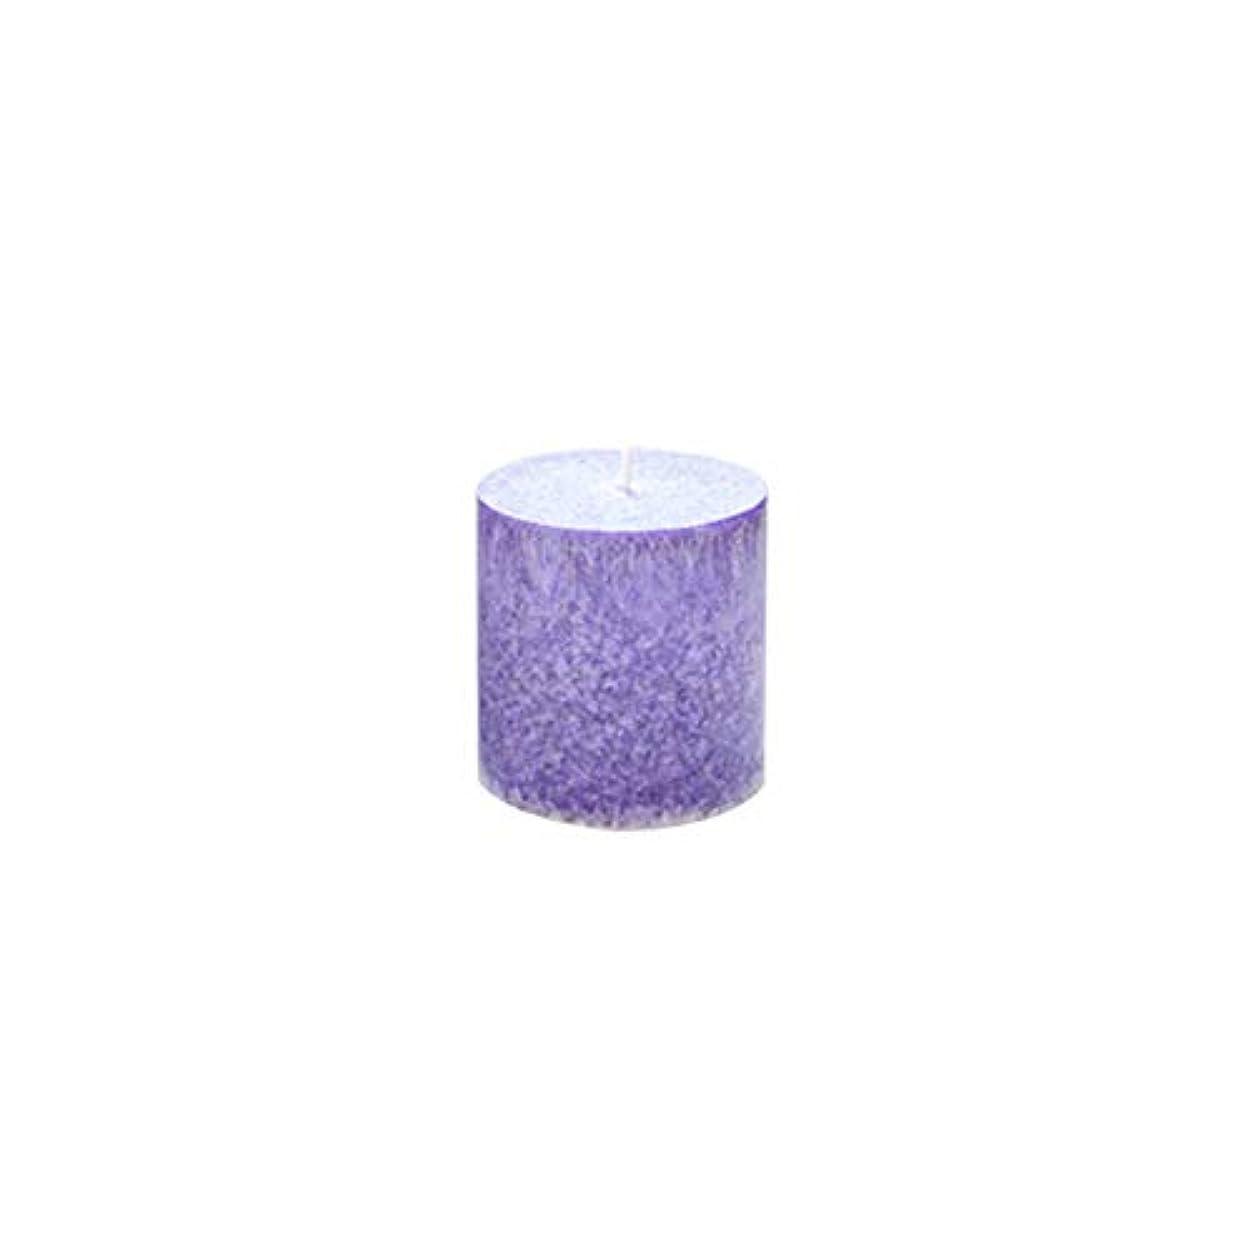 長くする是正喉が渇いたRakuby 香料入り 蝋燭 ロマンチック 紫色 ラベンダー アロマ療法 柱 蝋燭 祝祭 結婚祝い 無煙蝋燭